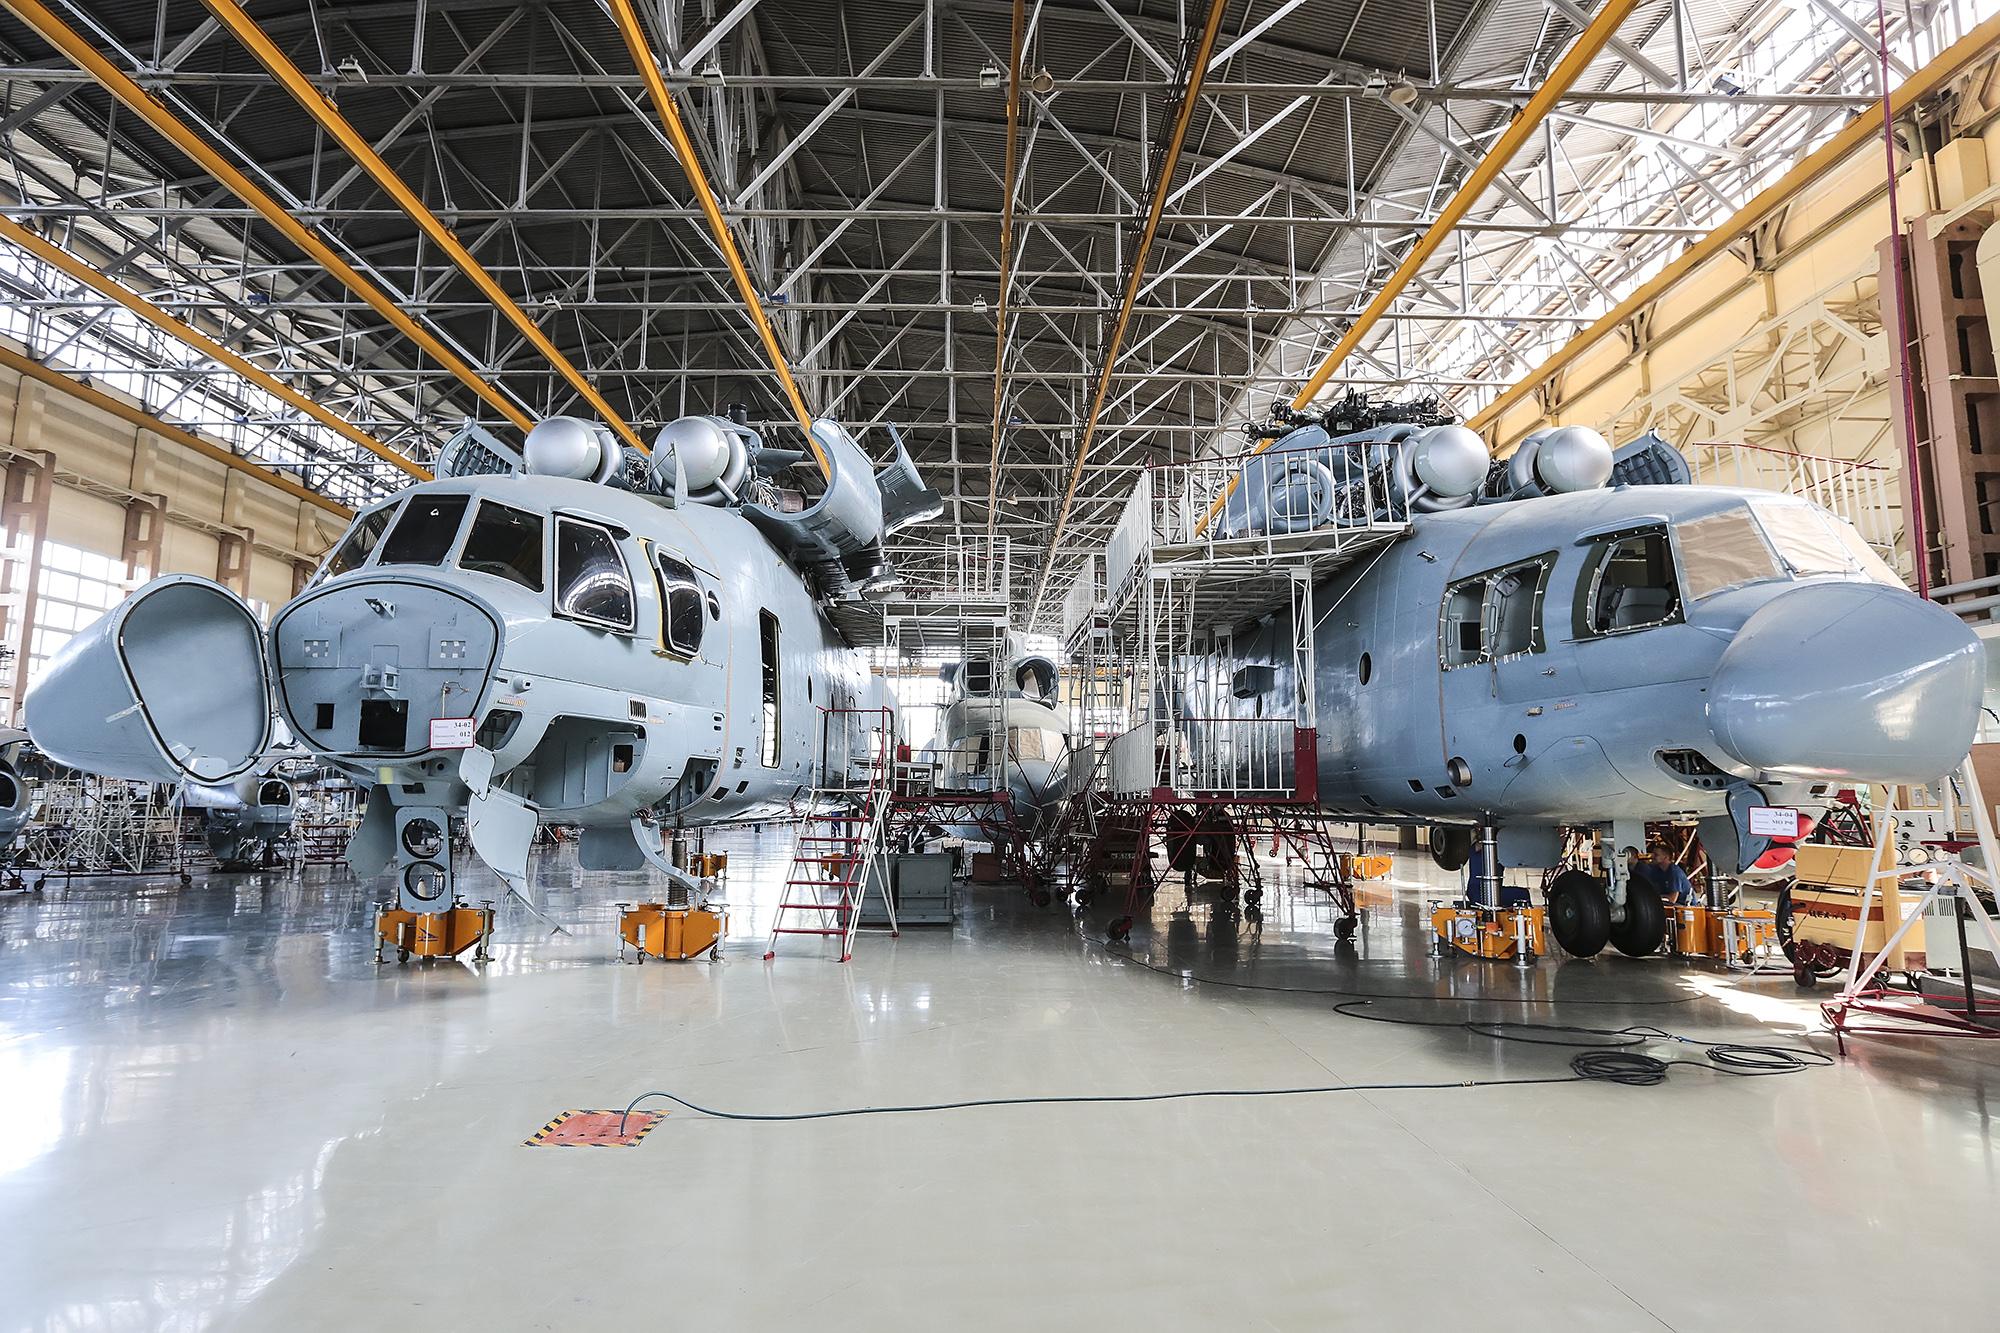 Контракт на поставку четырех вертолетов Ми-26Т2 в Иорданию